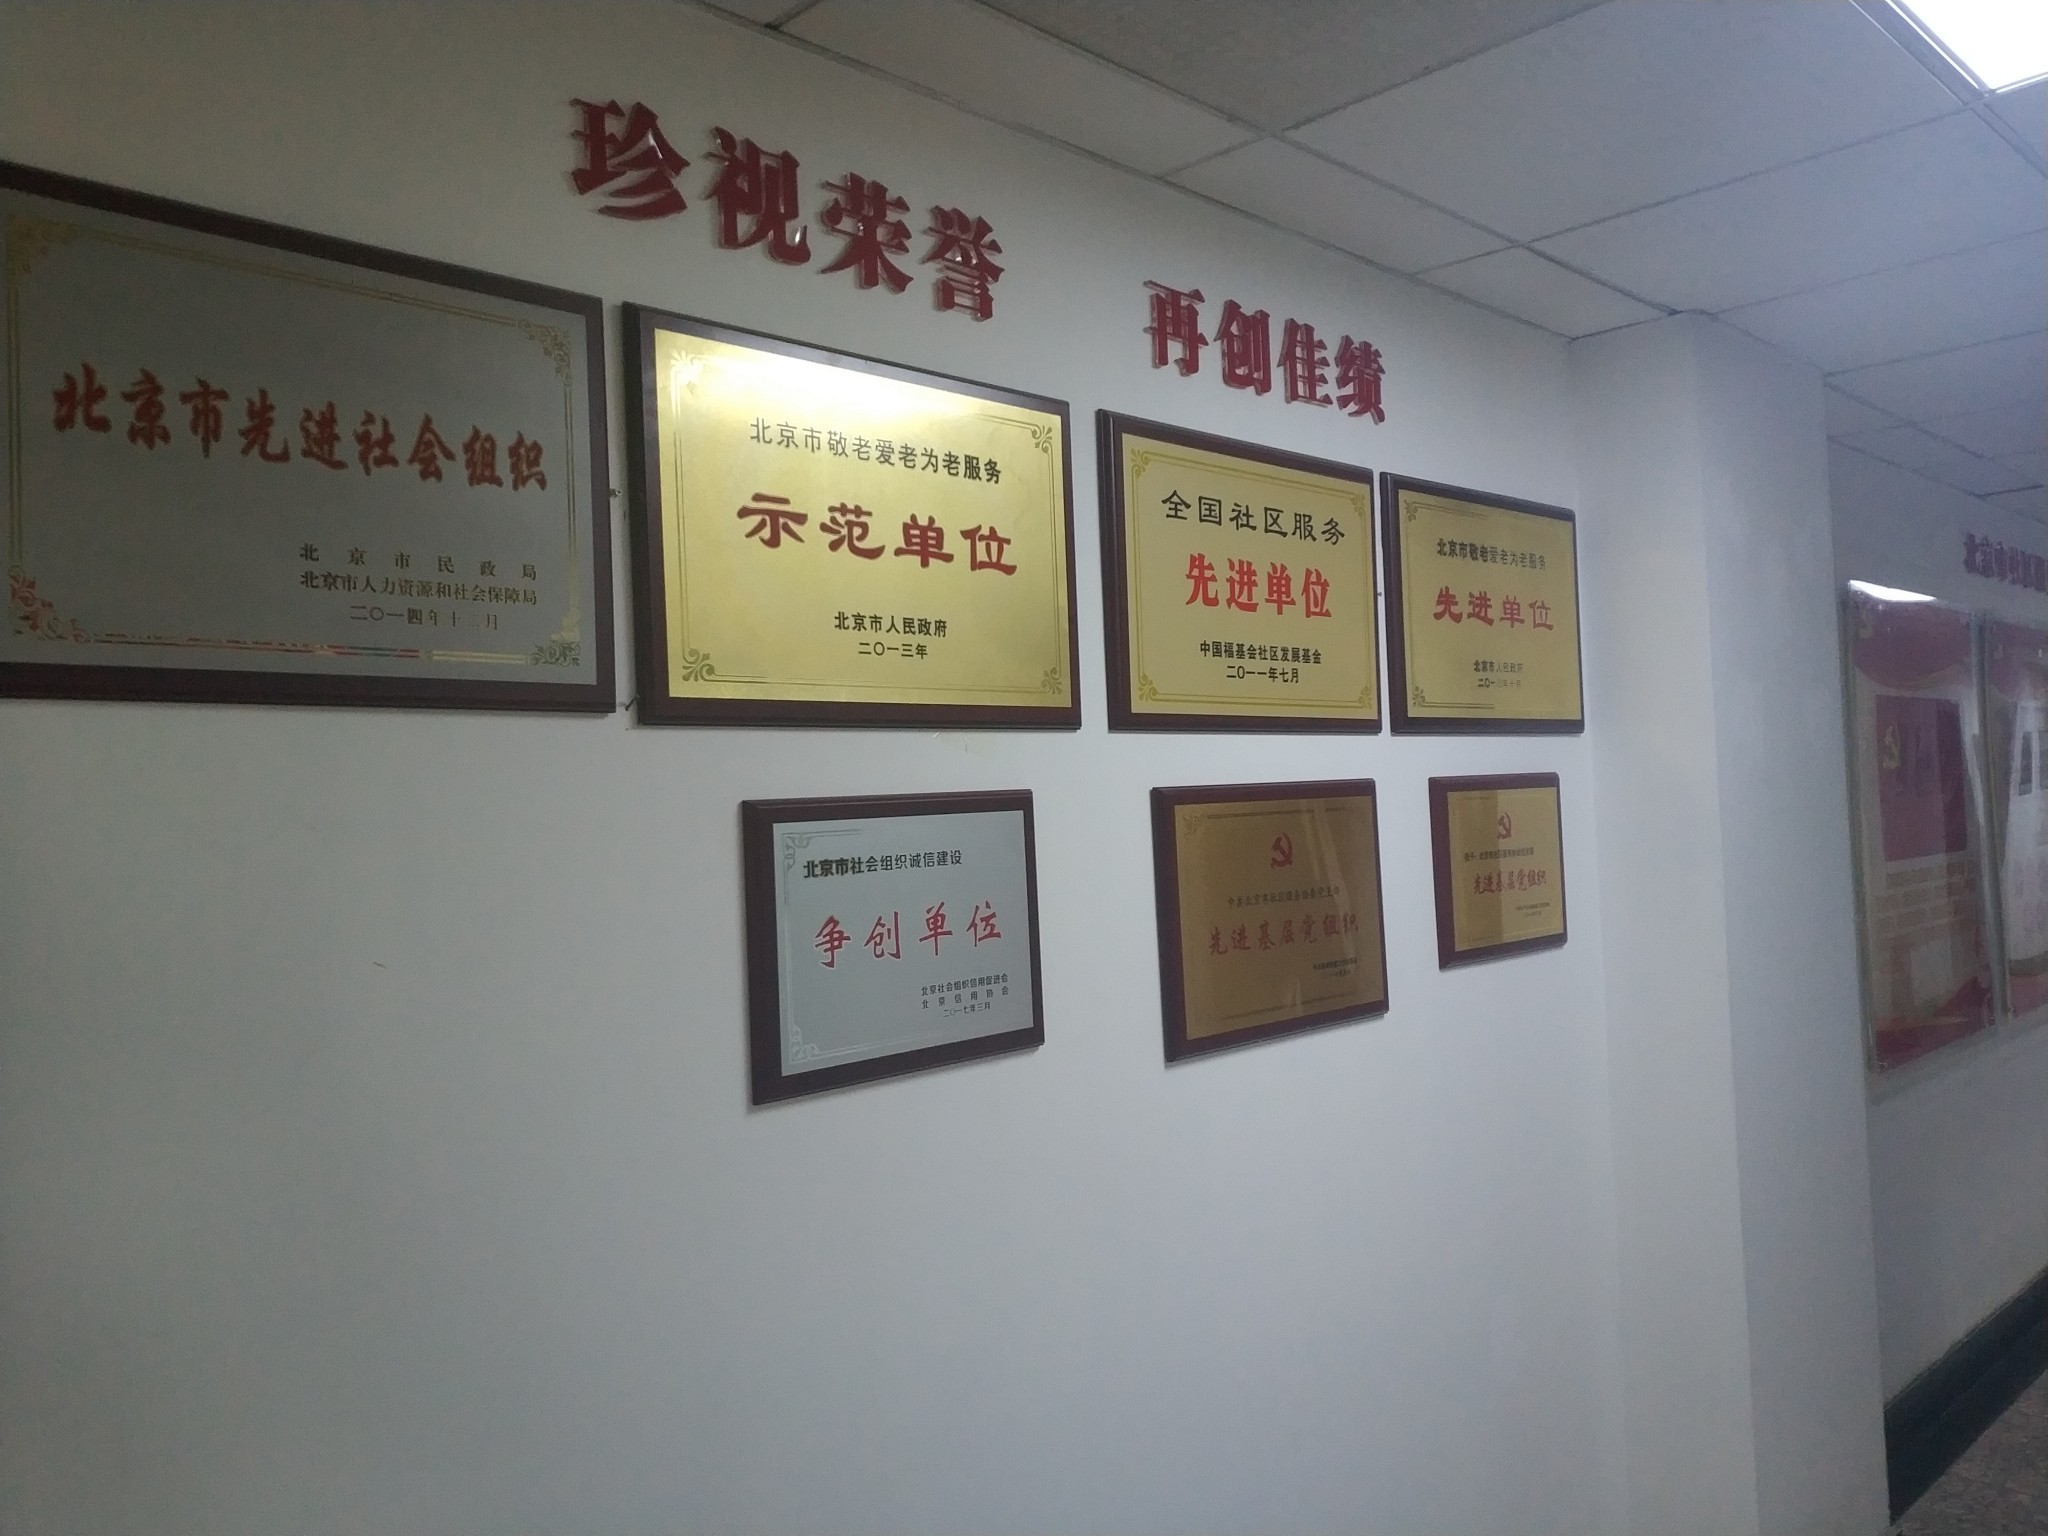 北京市社区服务协会荣誉